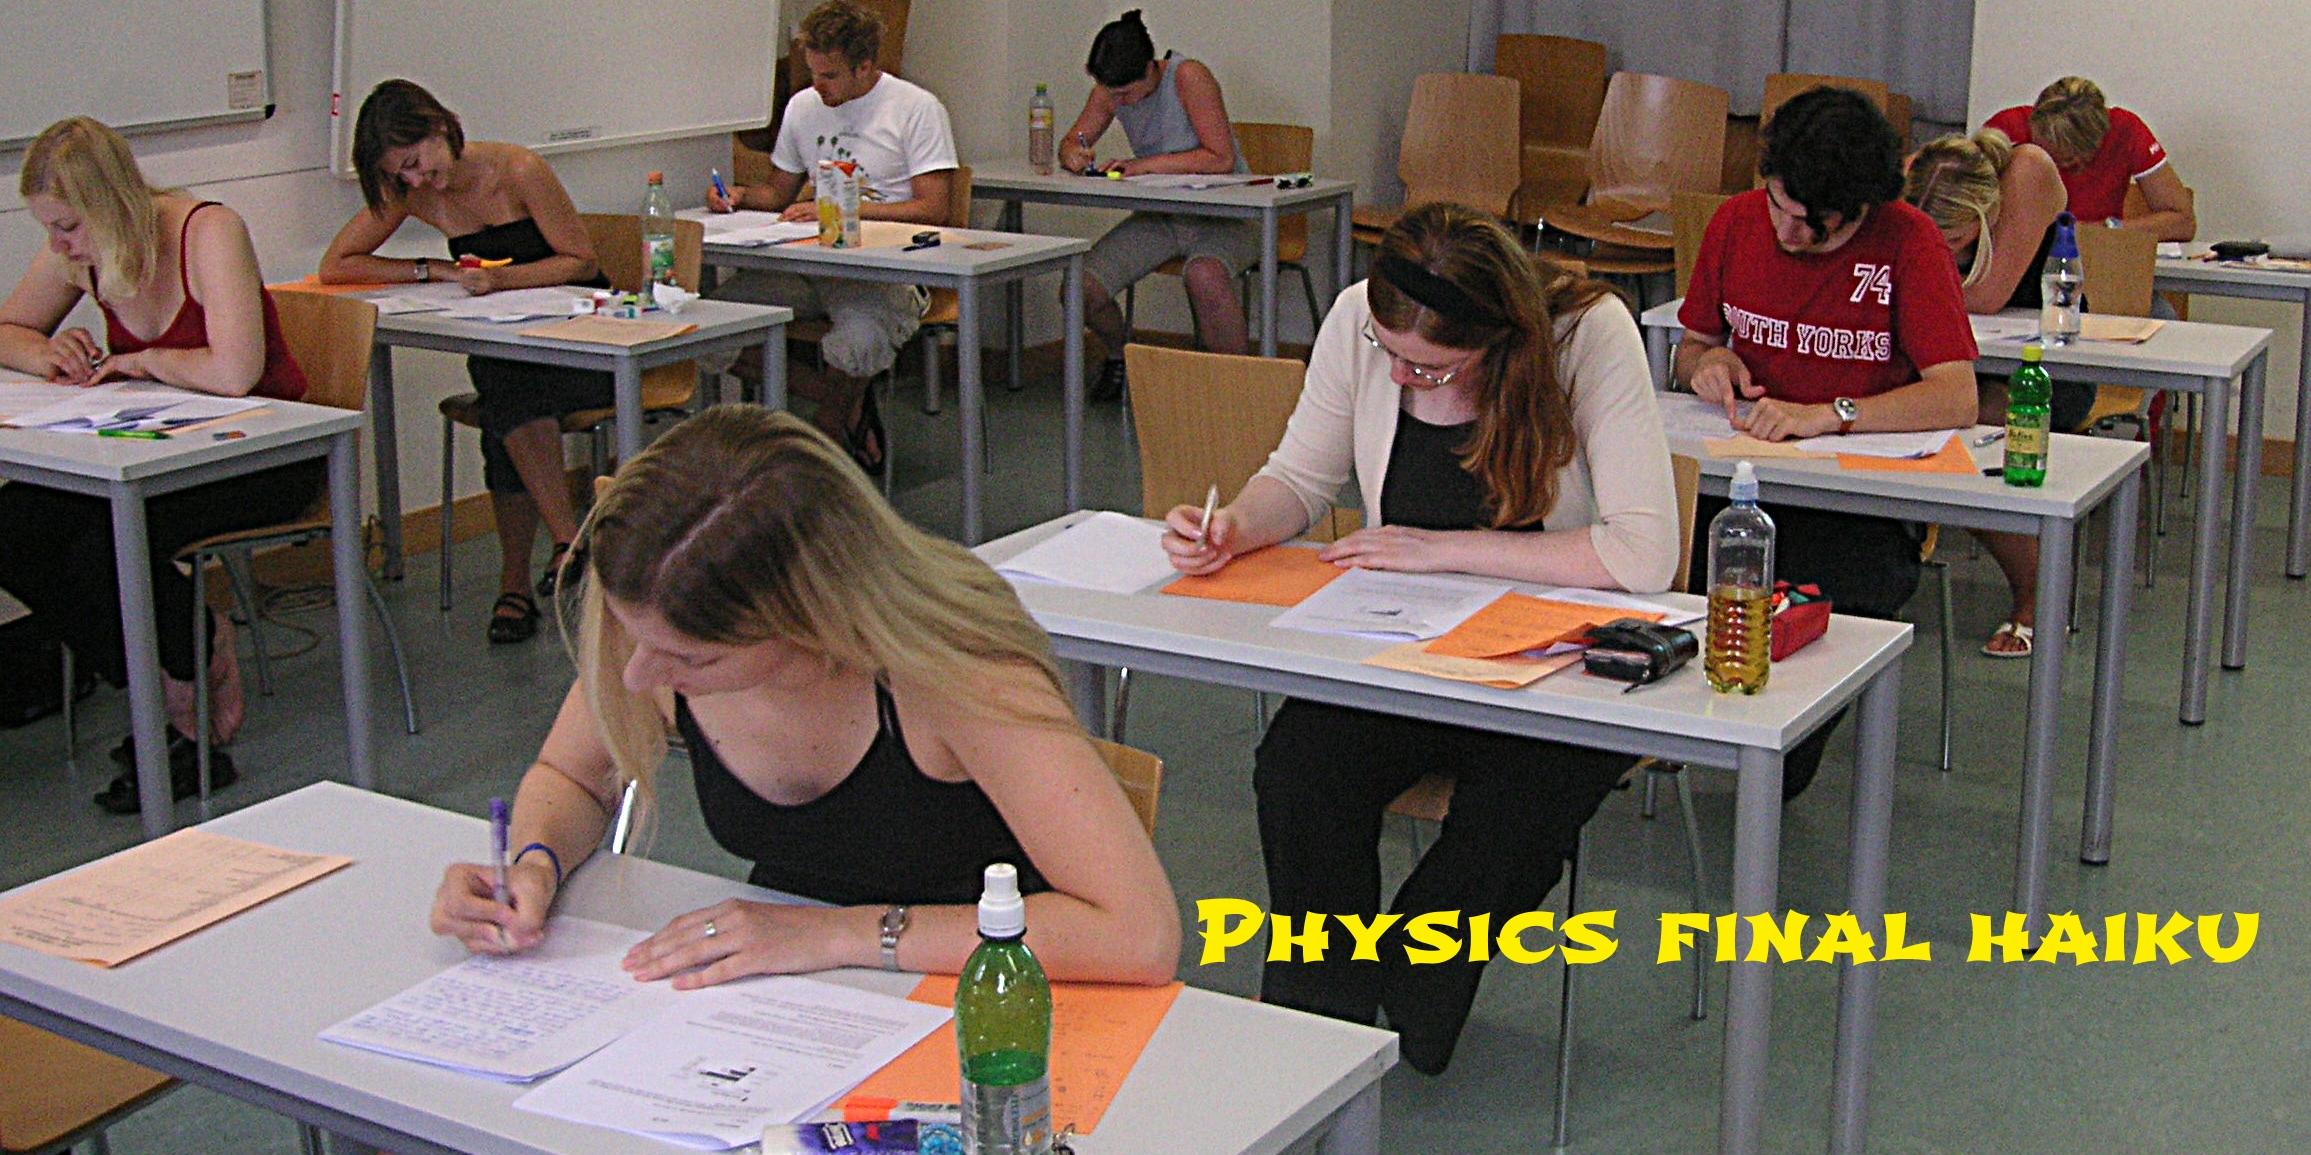 Physics Final haiku